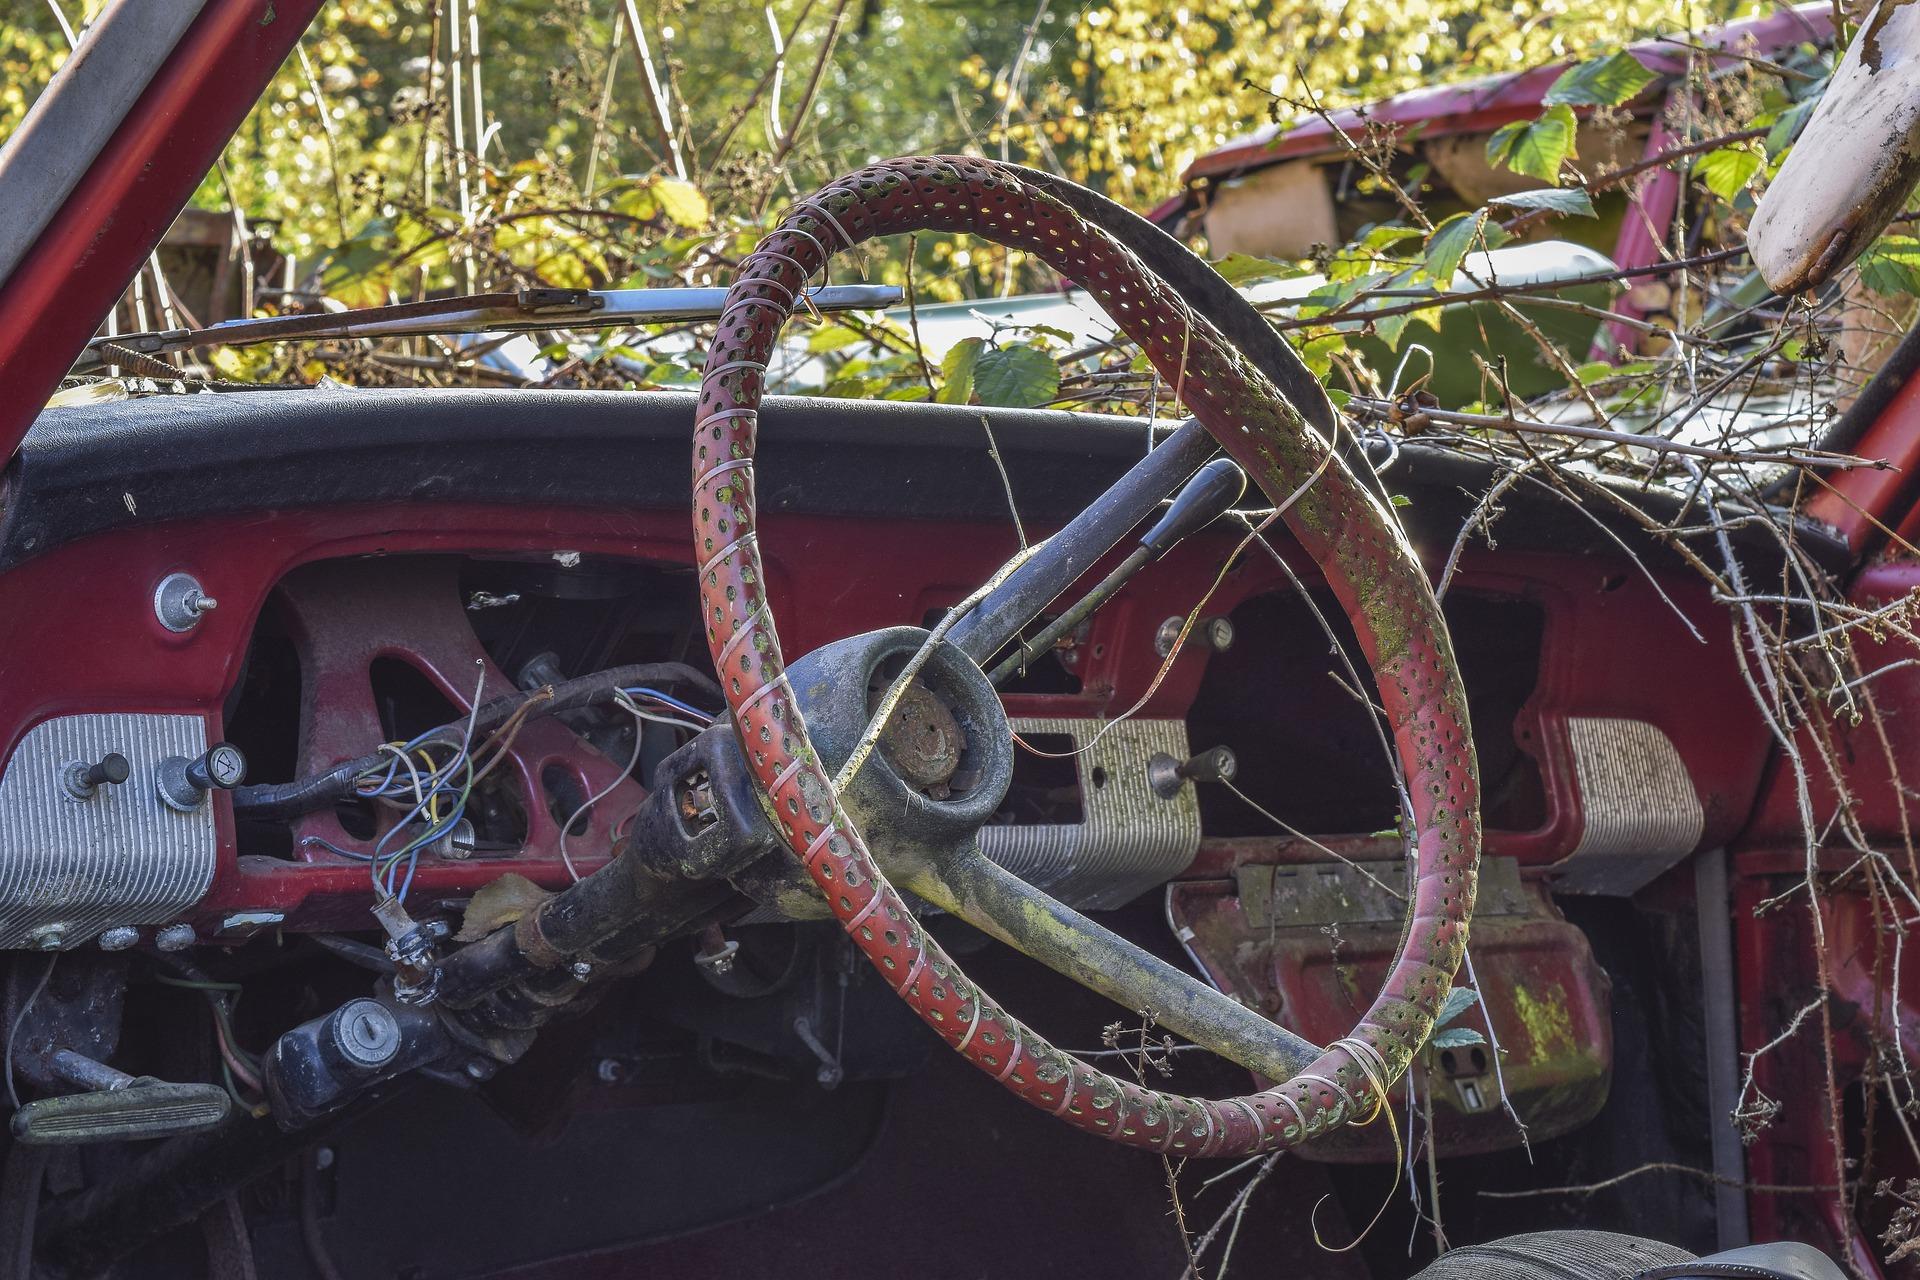 Scrap car removal near Lynnfield MA